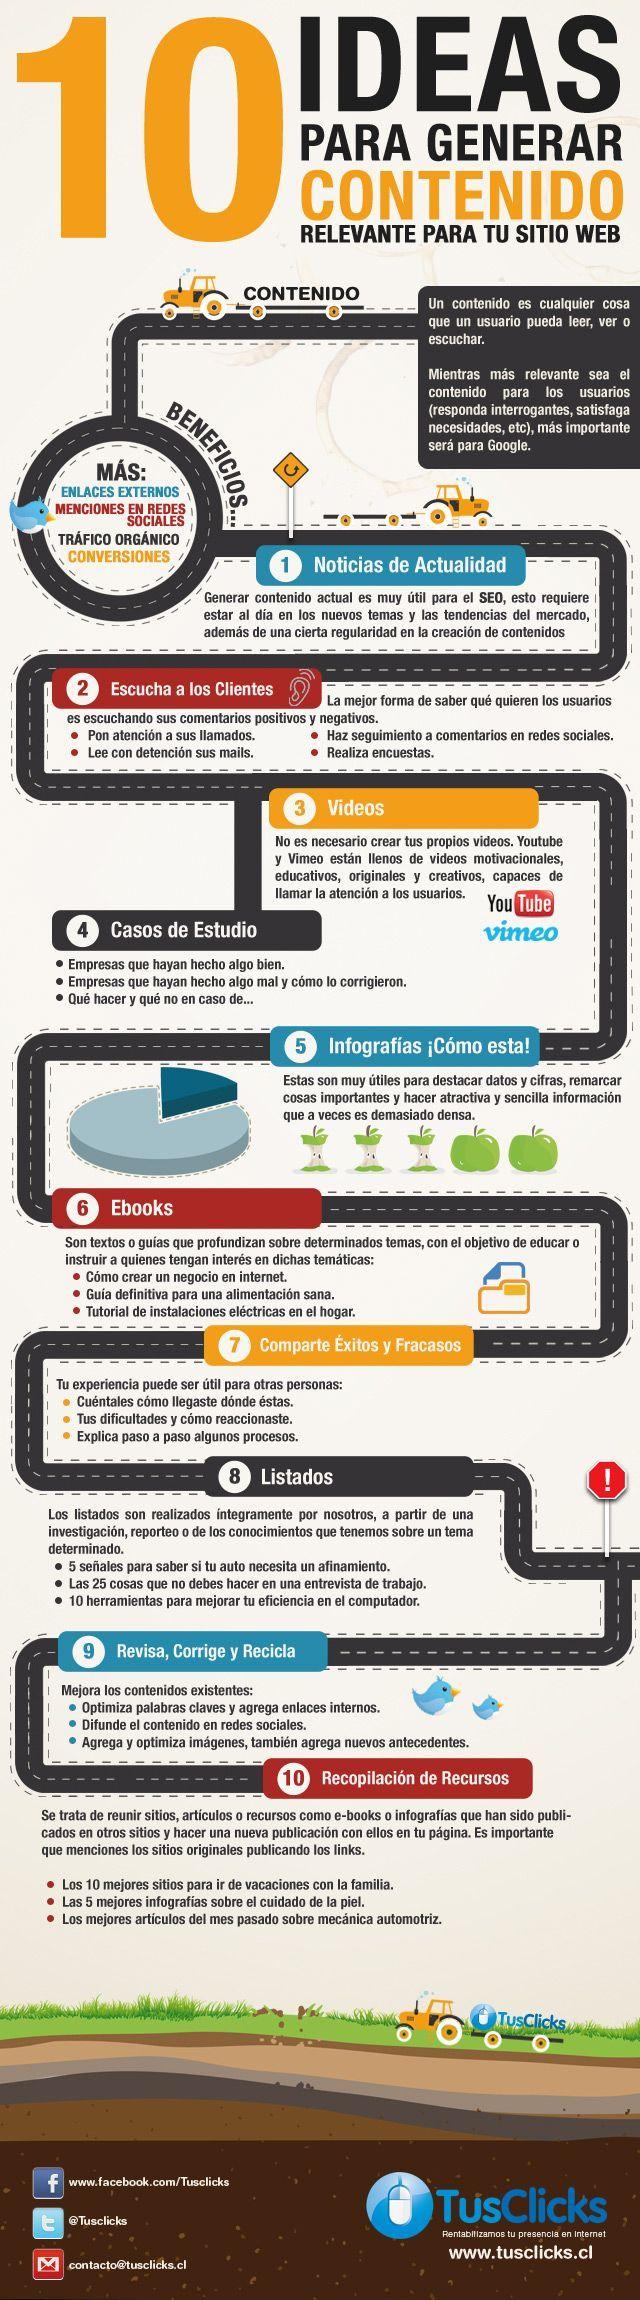 10 ideas para generar contenido relevante para tu sitio Web. #Infografía en español: